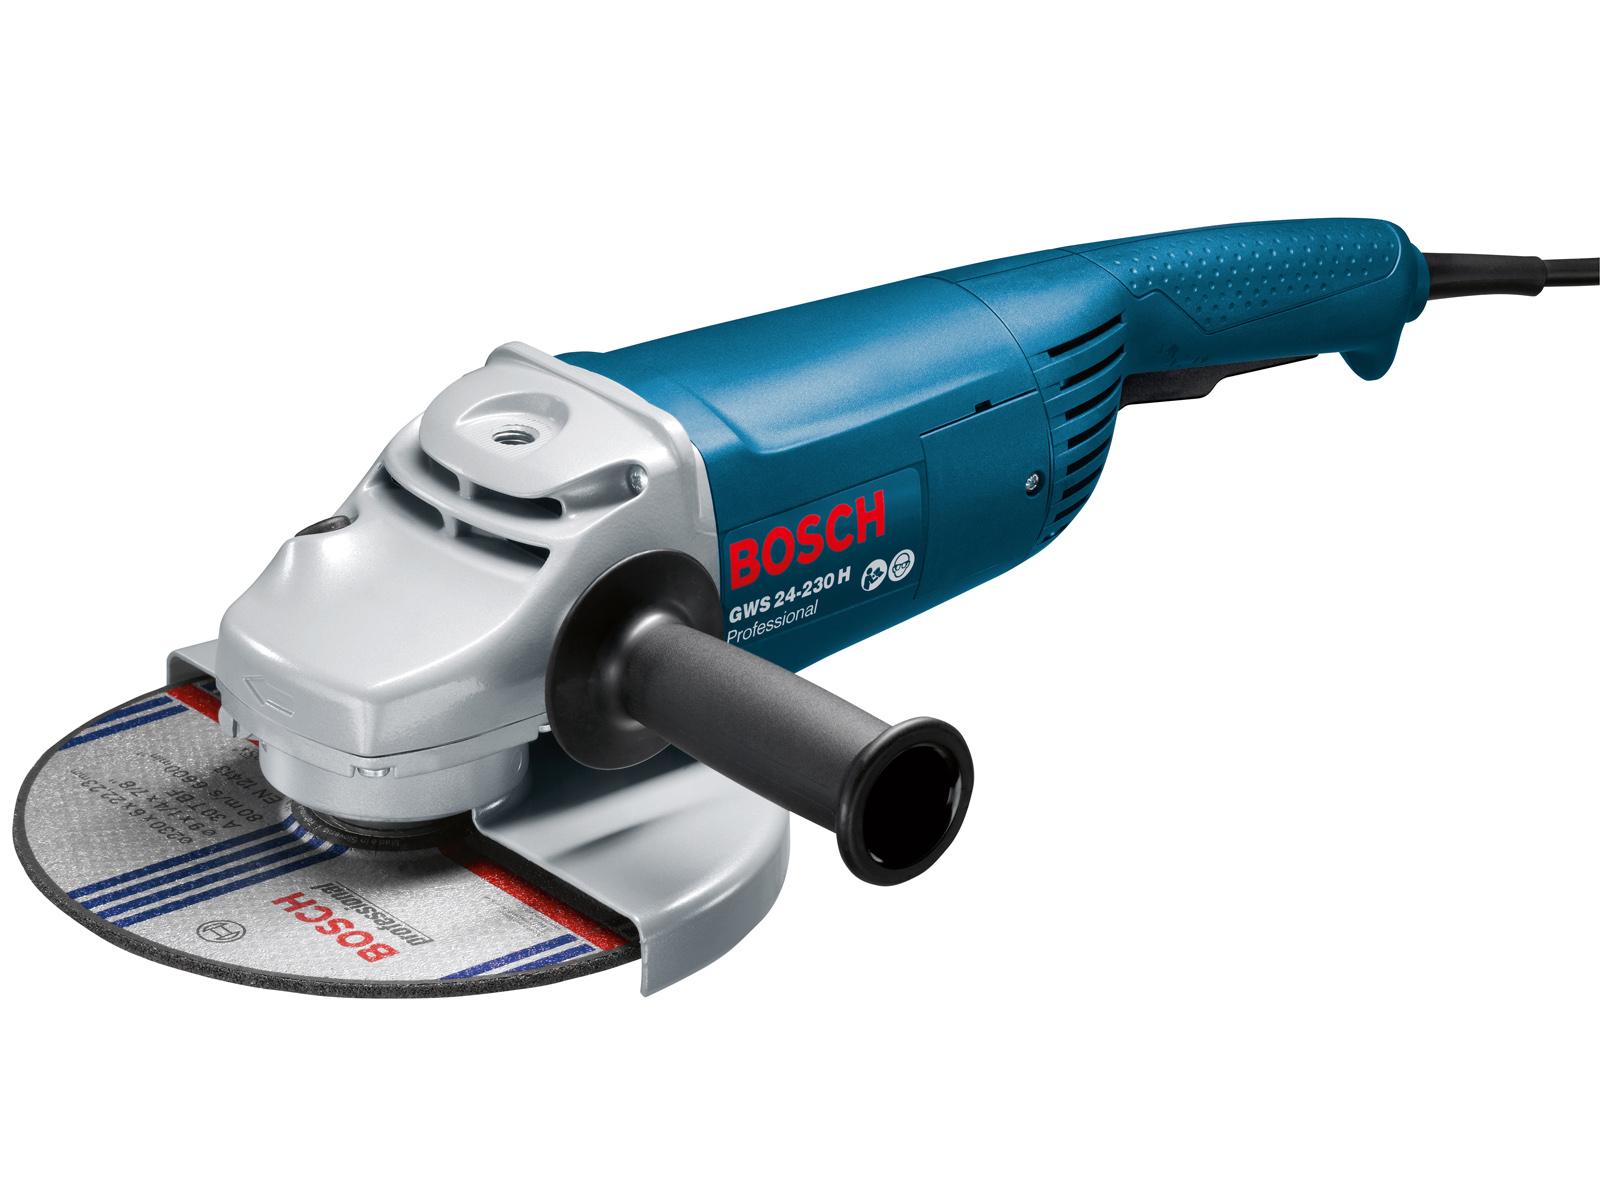 Ушм (болгарка) Bosch Gws 24-230 h